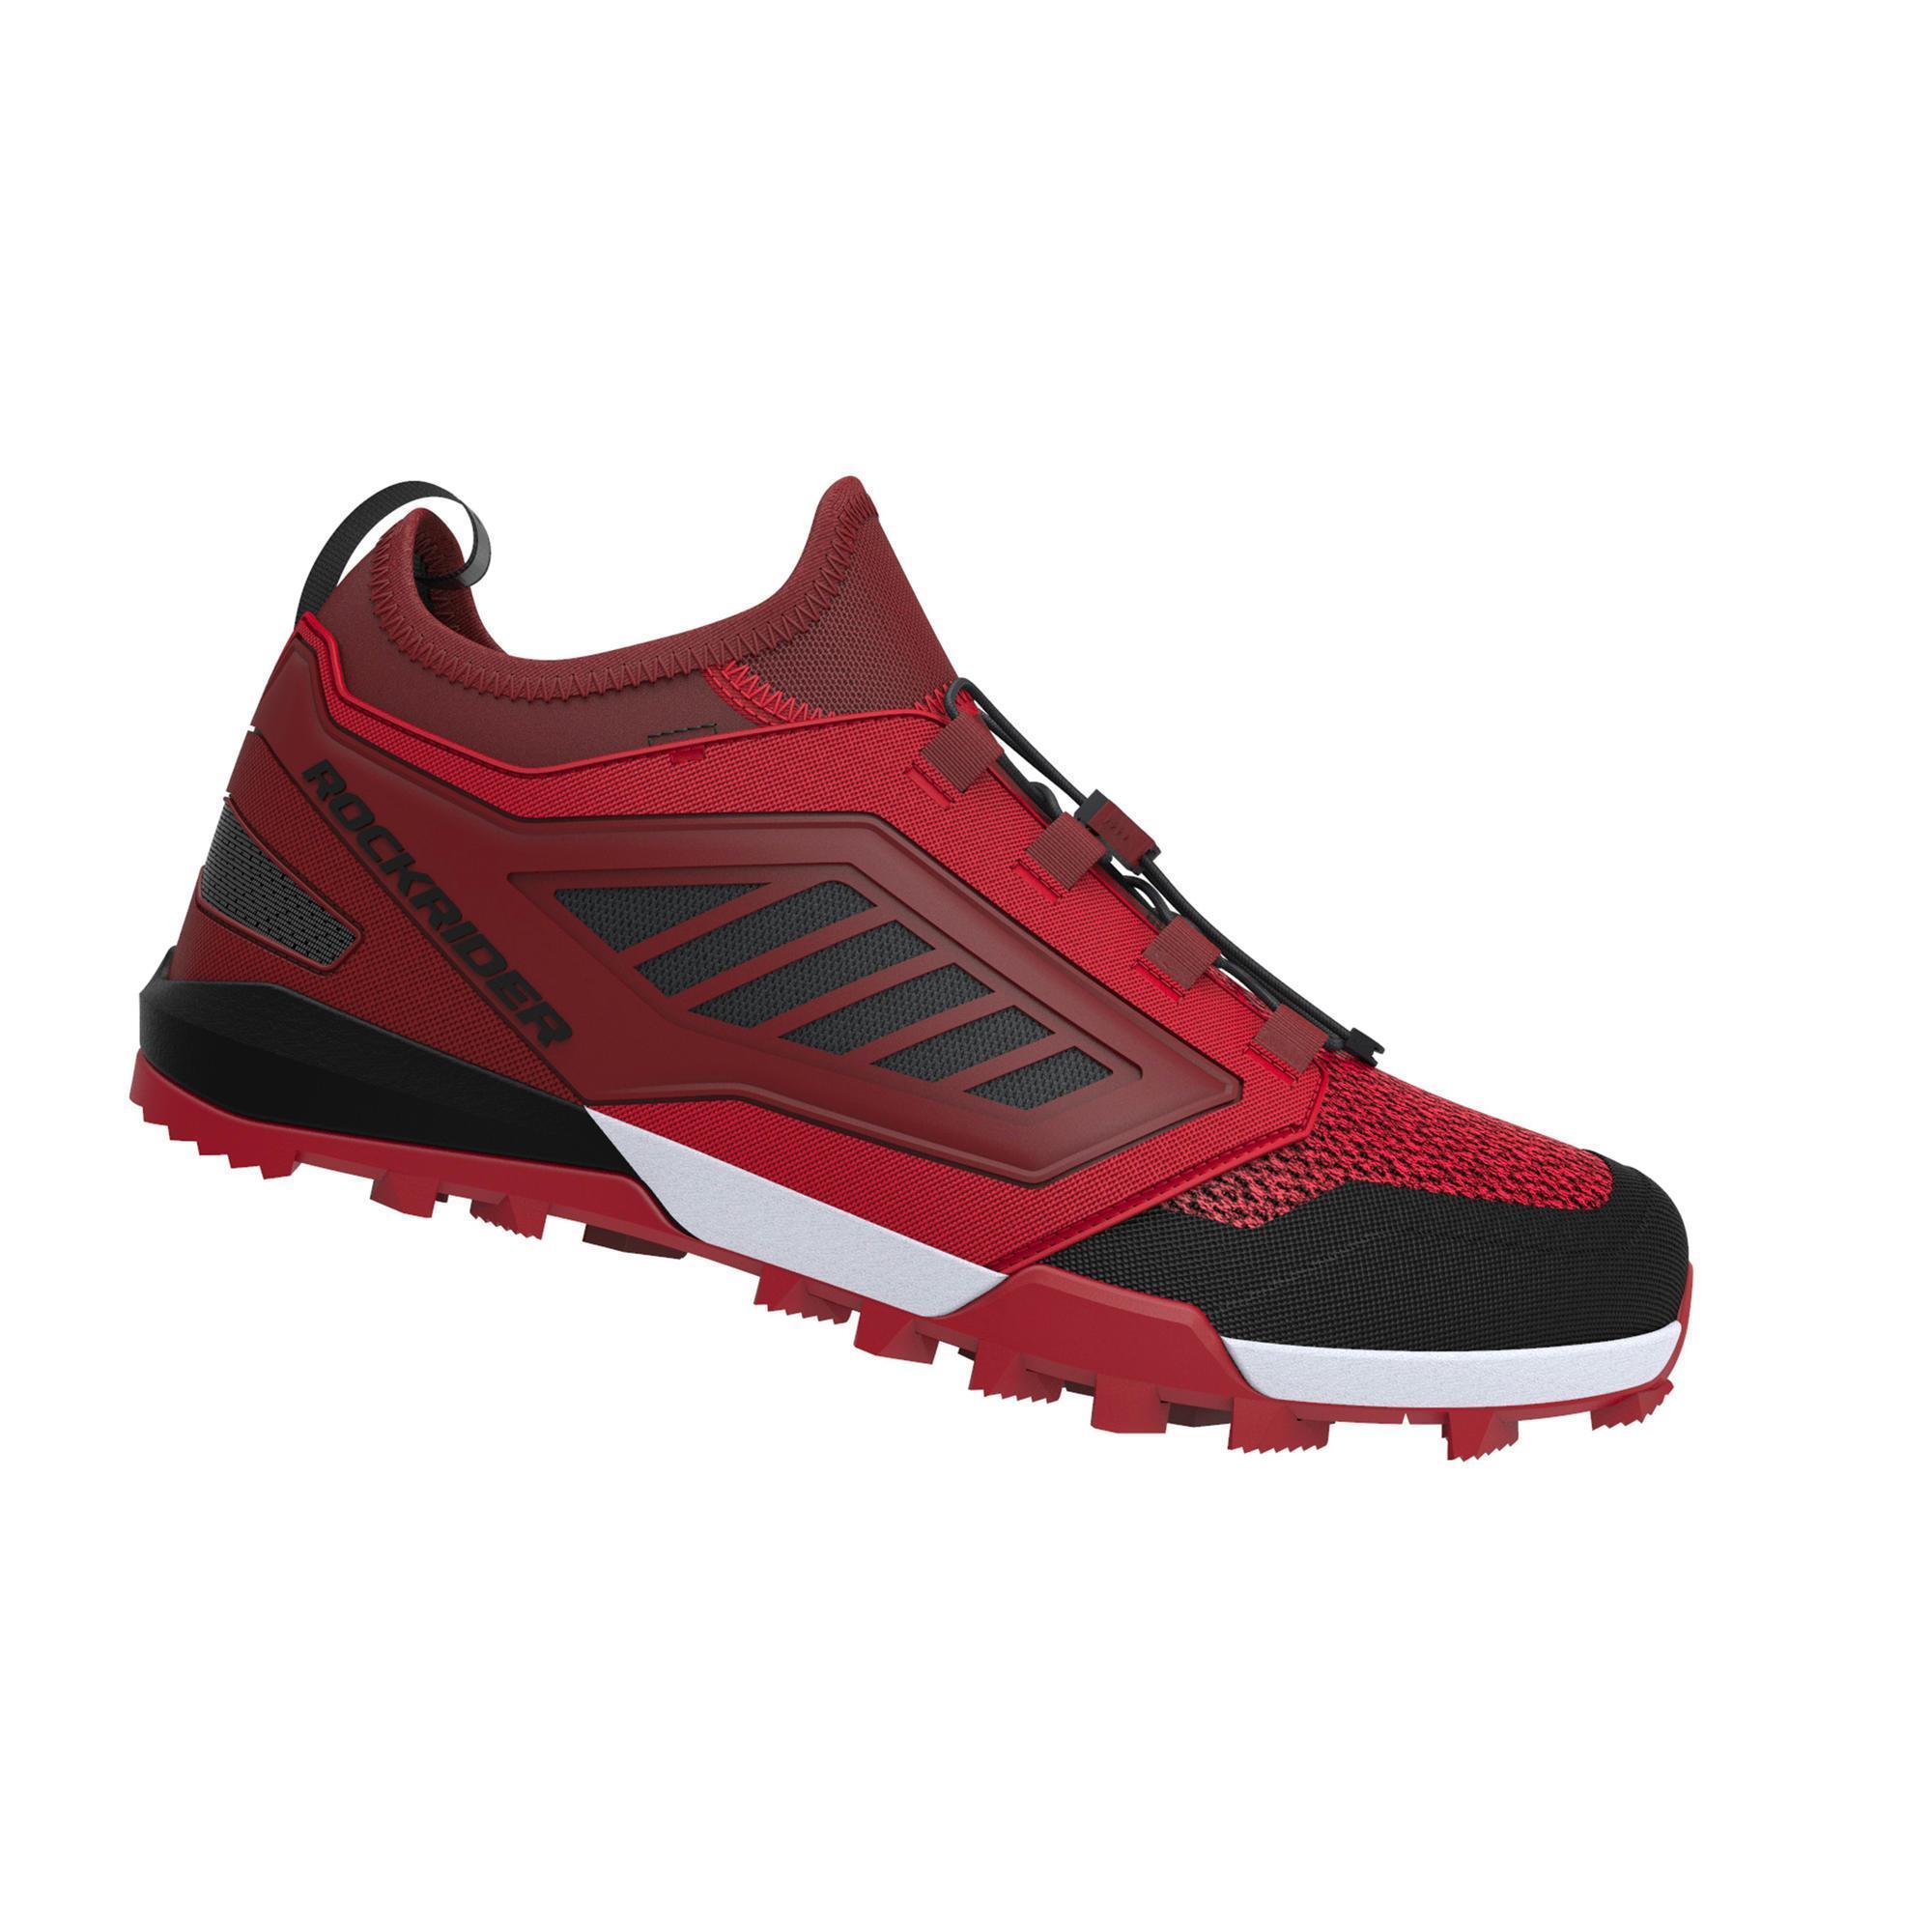 Rockrider MTB-schoenen ST 500 rood kopen